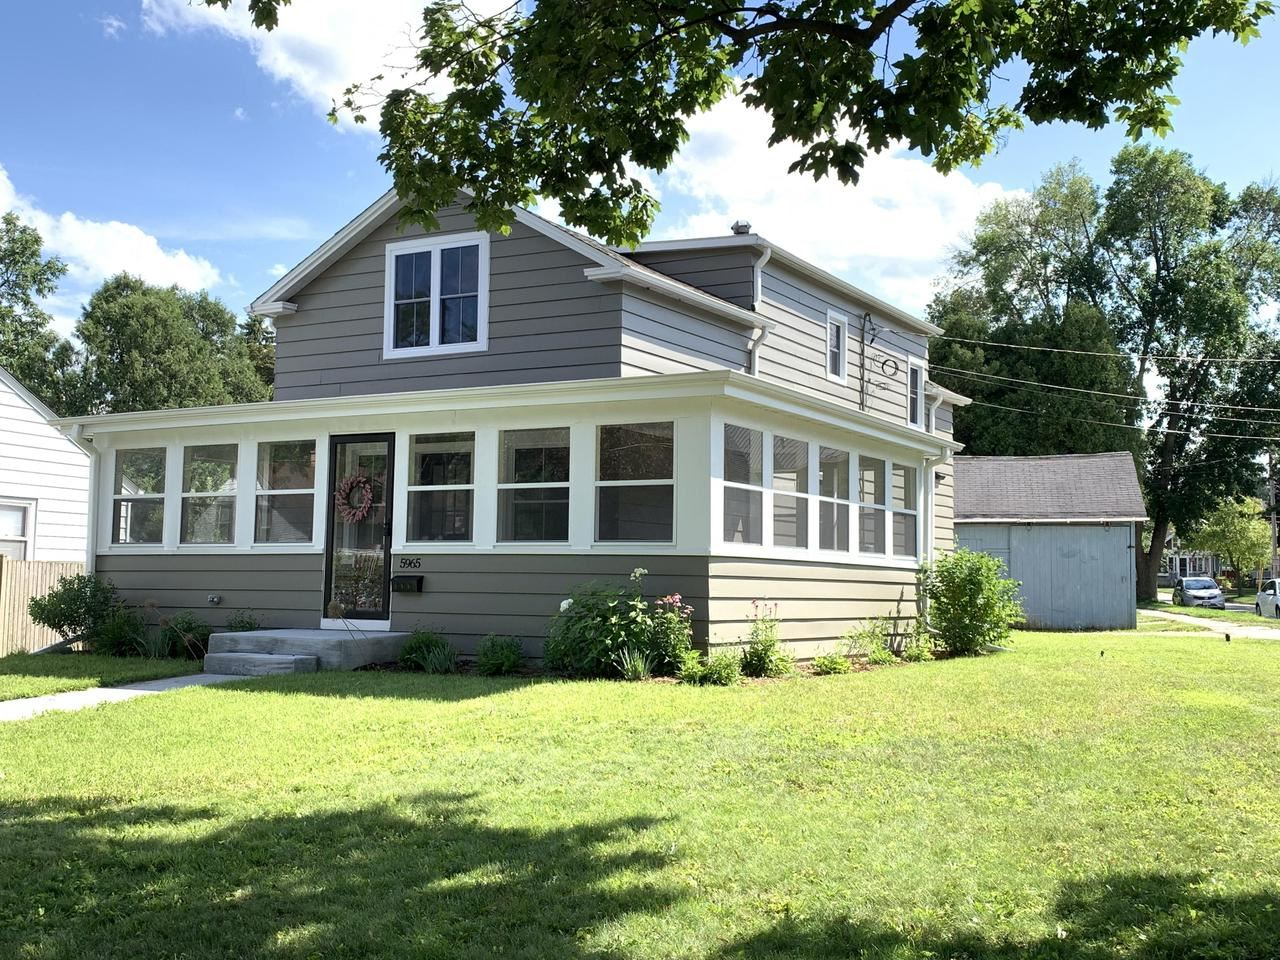 N42W5965 Hamilton Rd, Cedarburg, WI 53012 - MLS#: 1678835